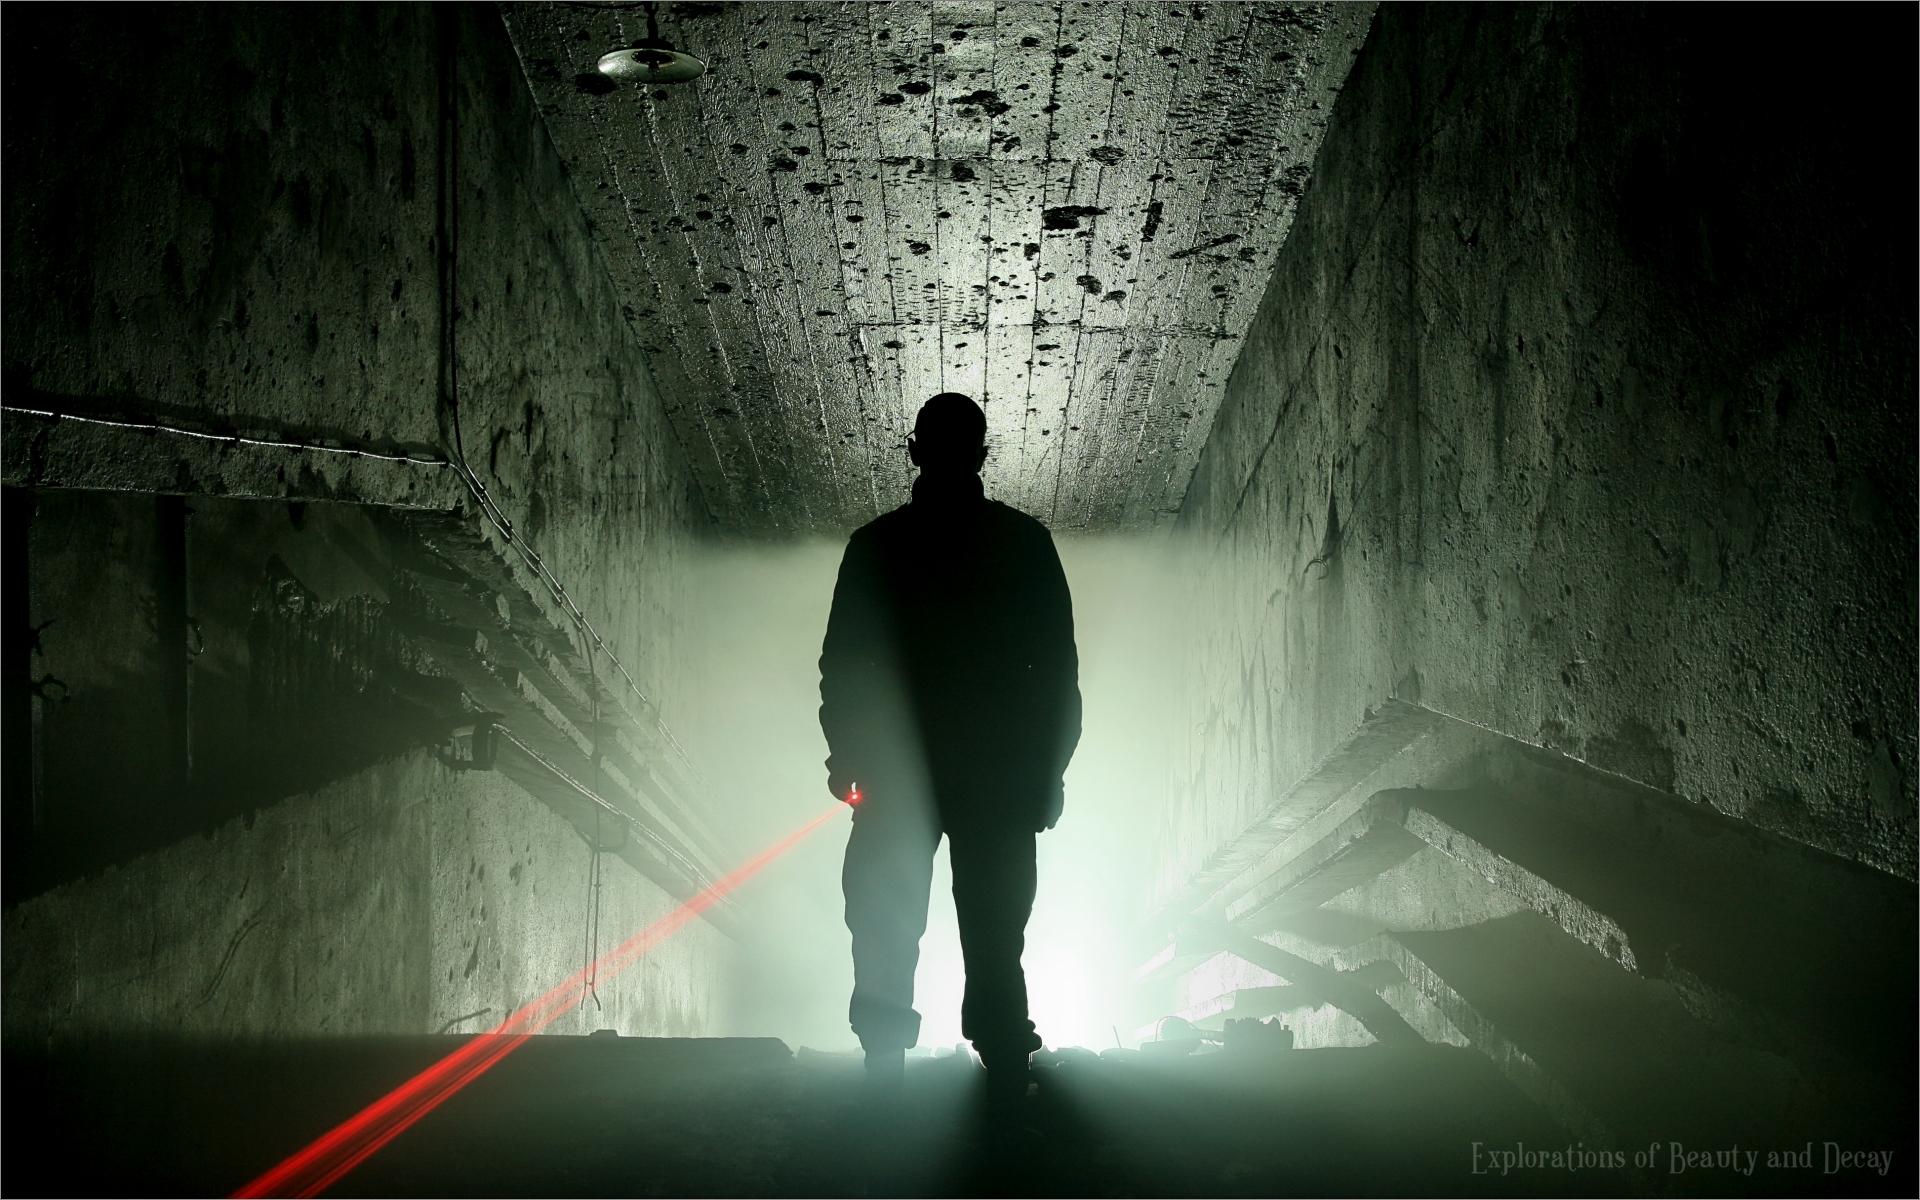 Foto 'Half-Life' in hoher Auflösung herunterladen Wallpaper